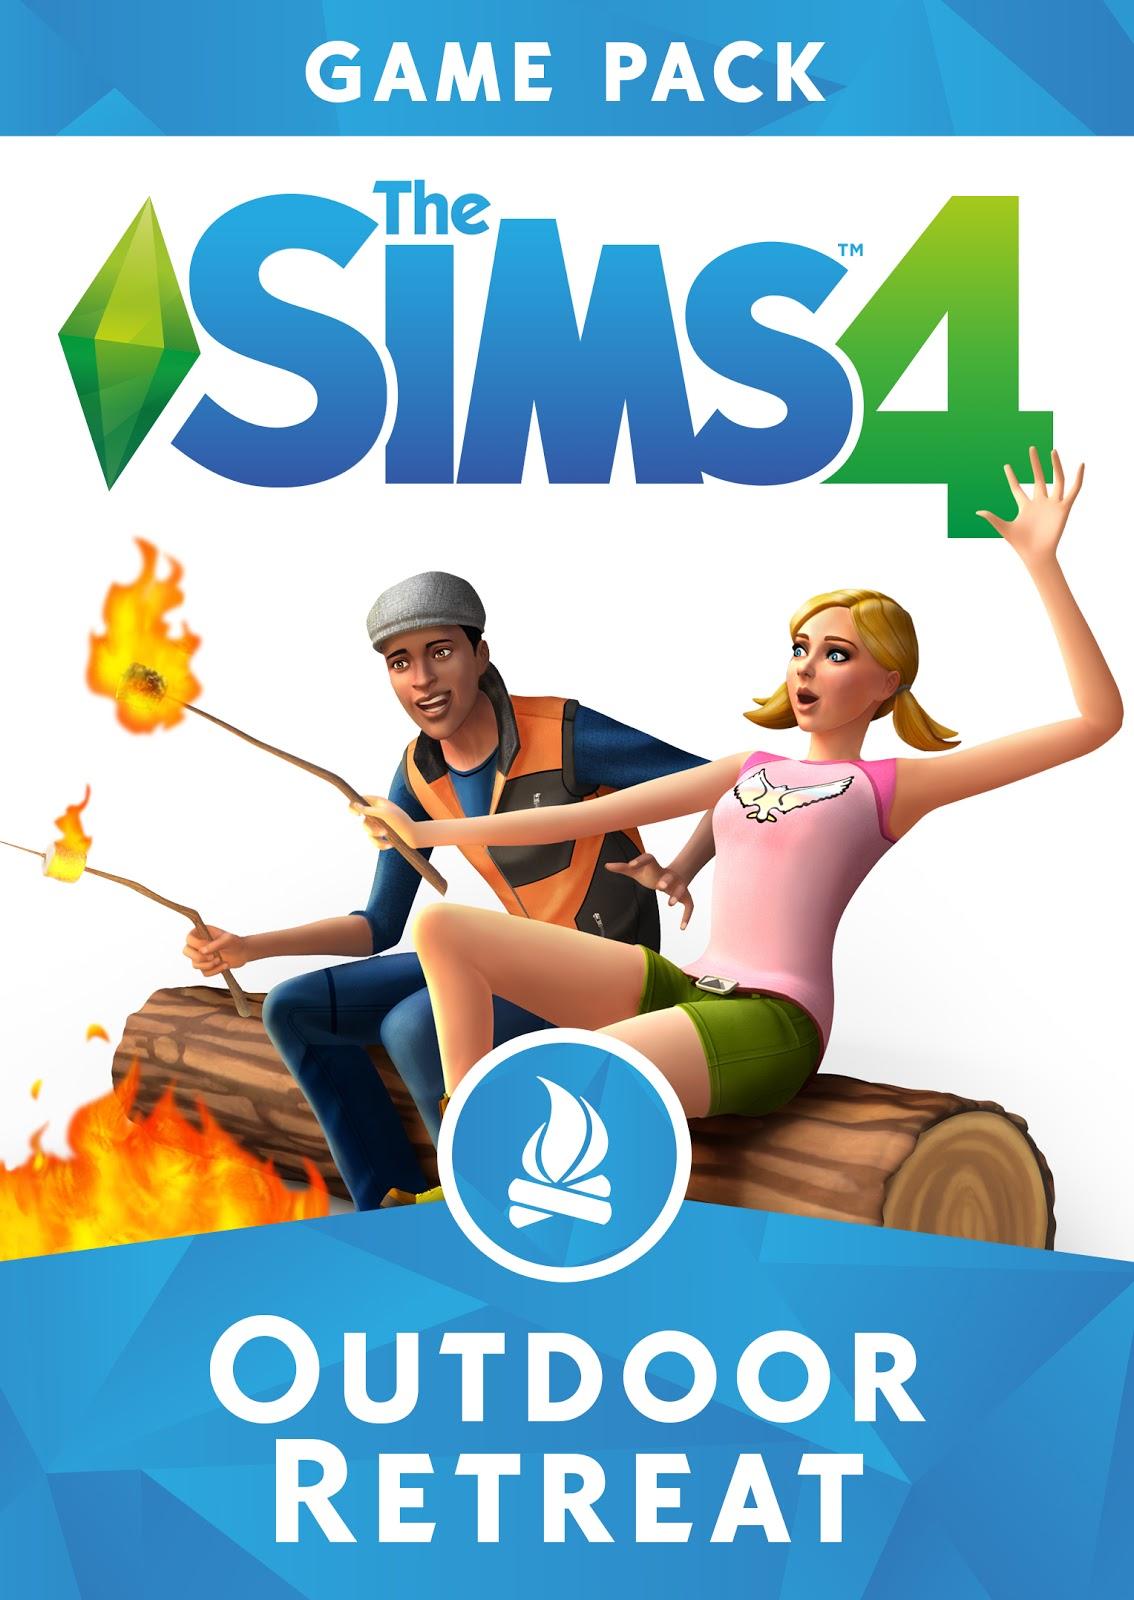 Información sobre los sims 4 - Página 5 TS4_OutdoorRetreat_BoxArt